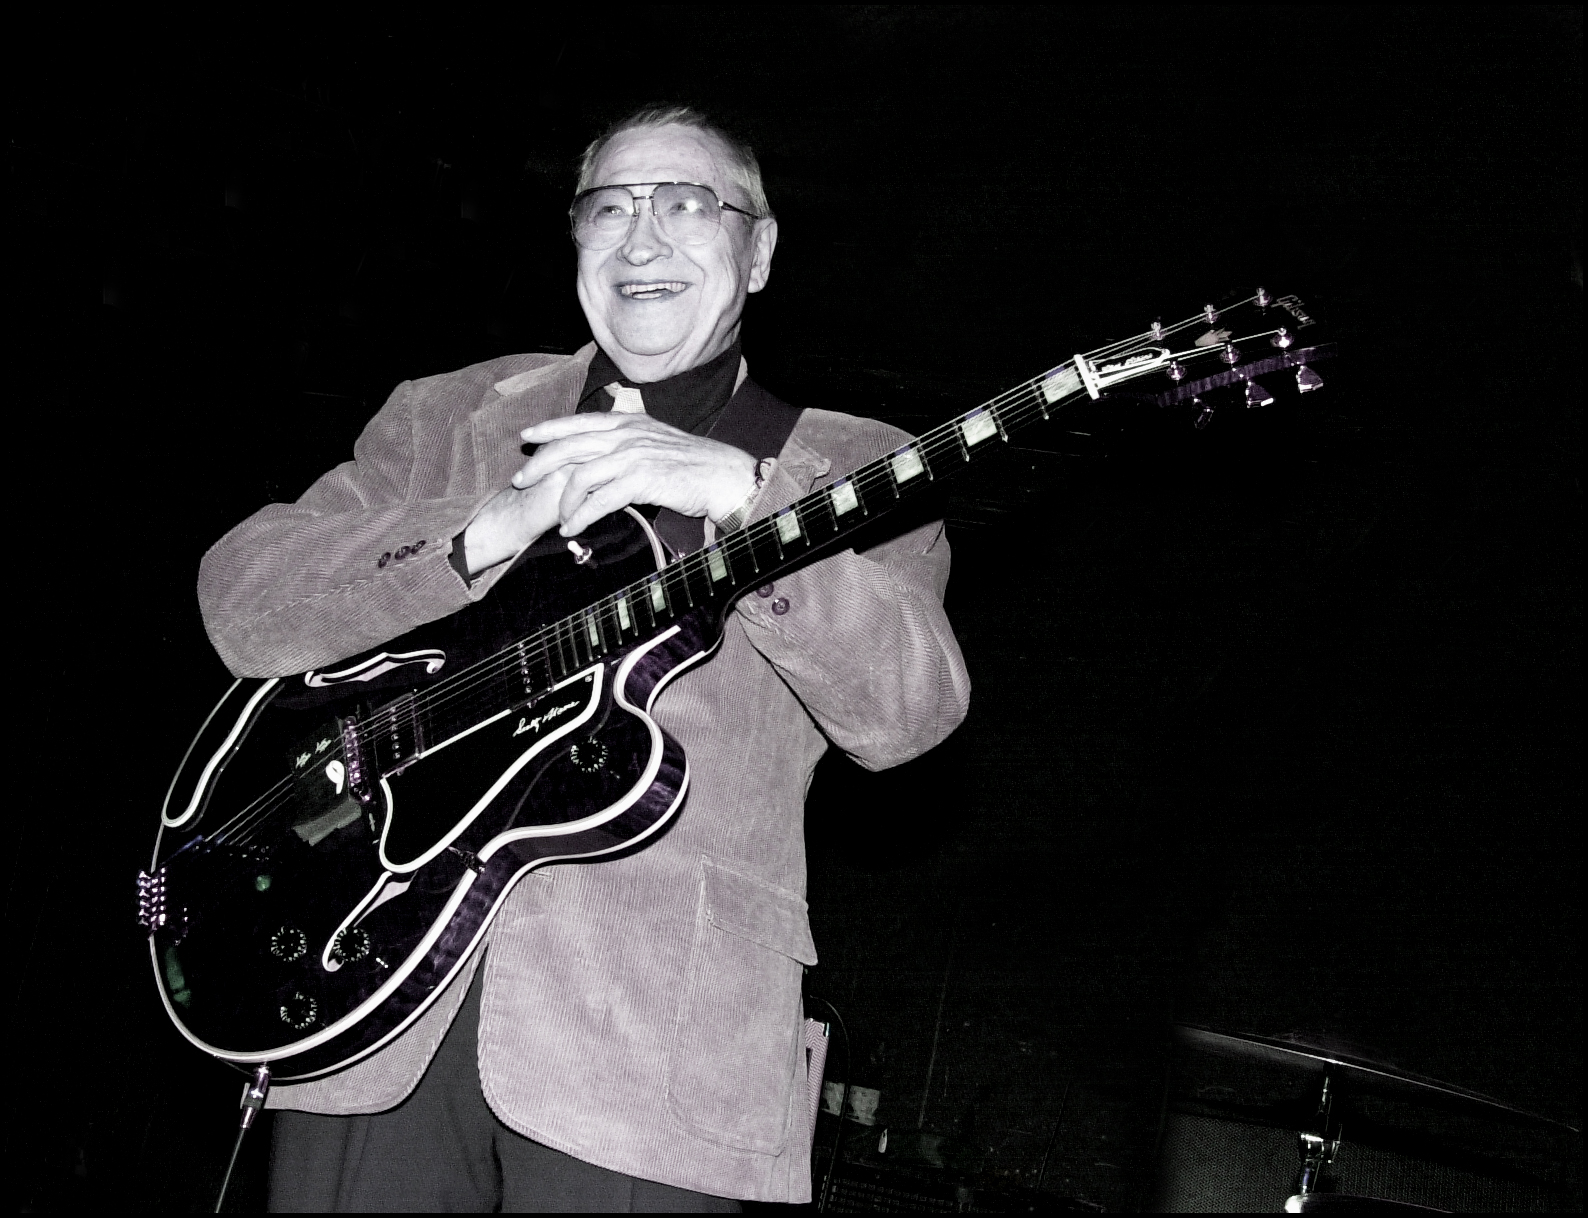 Elvis guitarist Scotty Moore dies